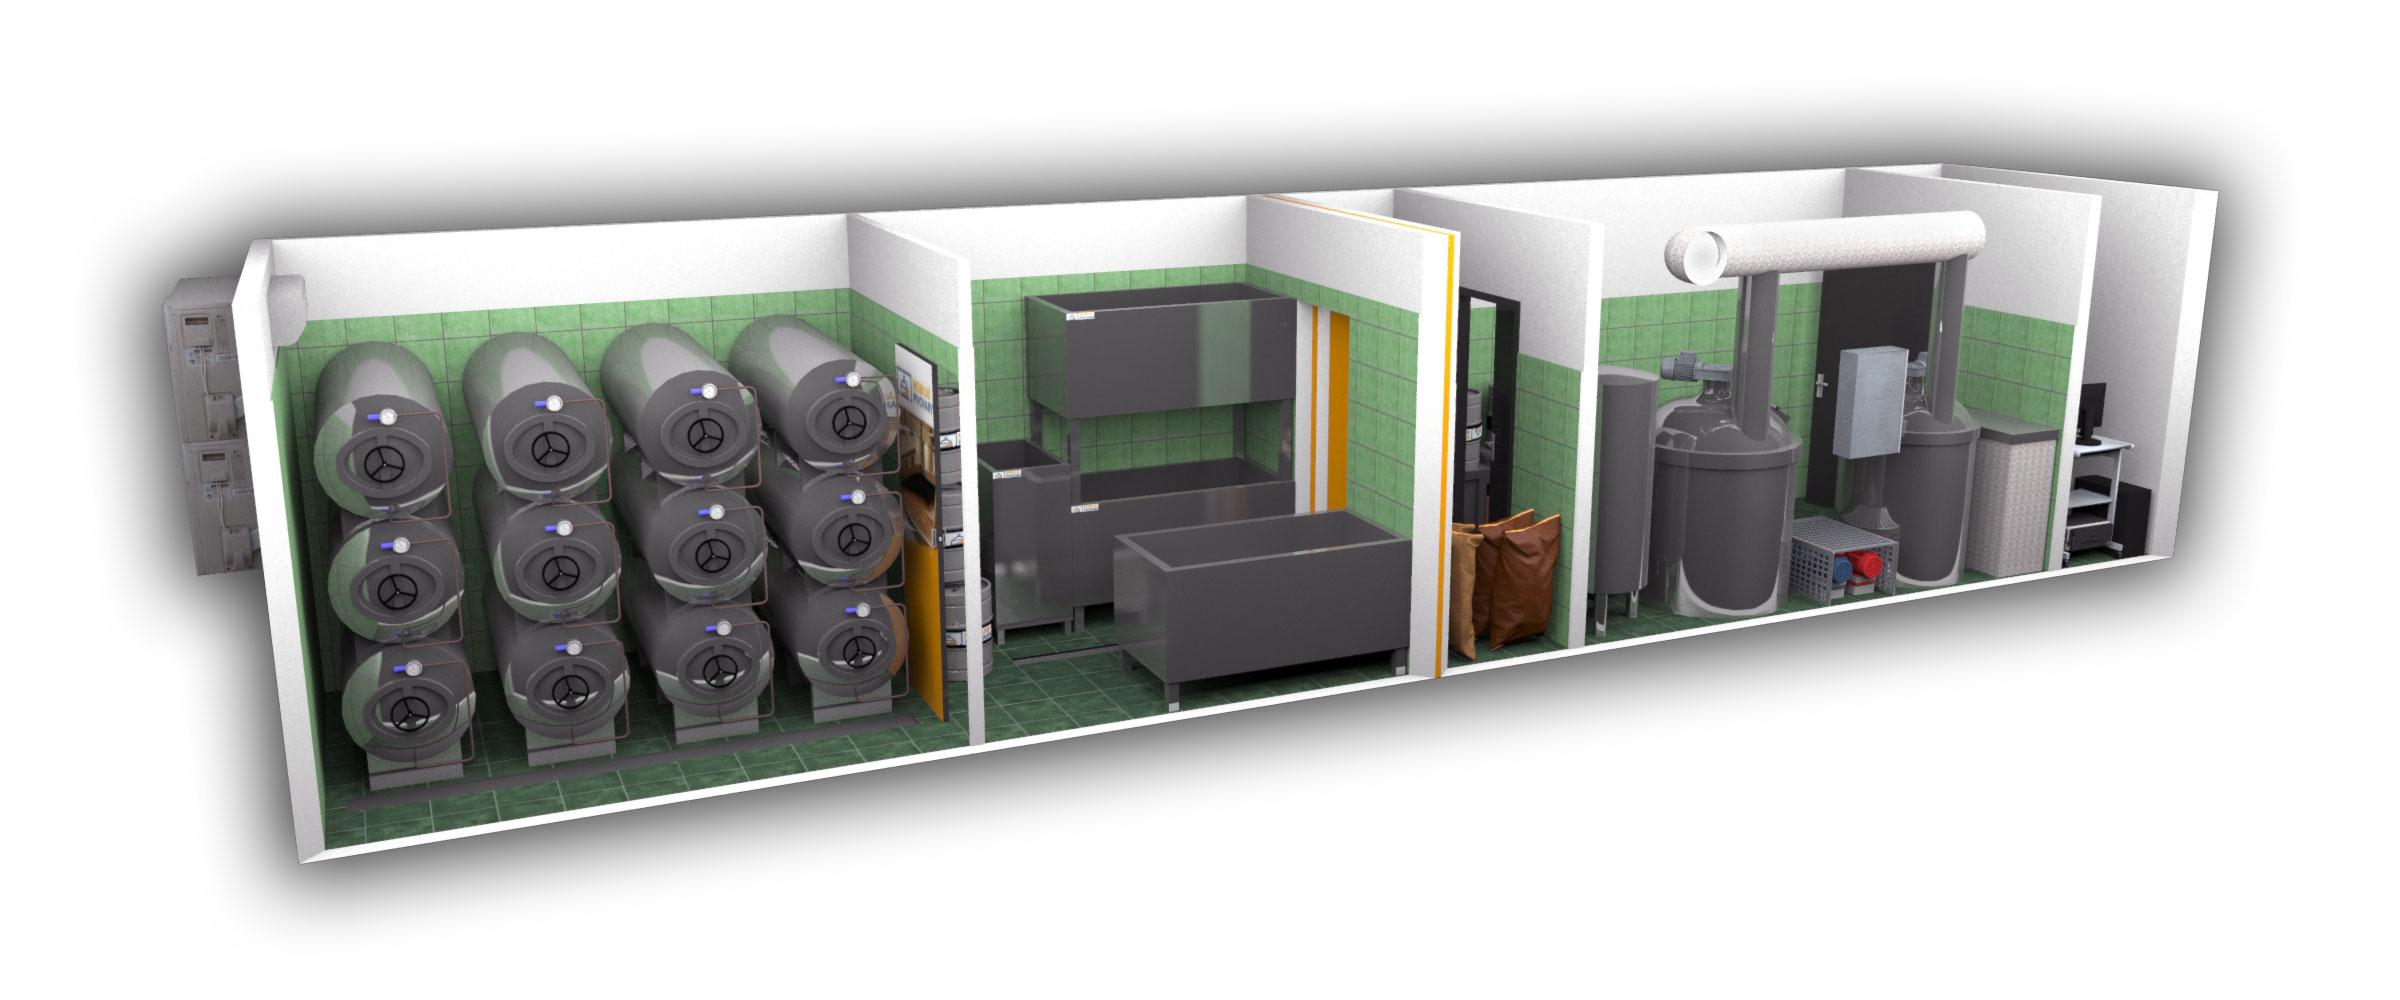 2-kontejnerový minipivovar MOBBEER - sériové sestavení - interiér